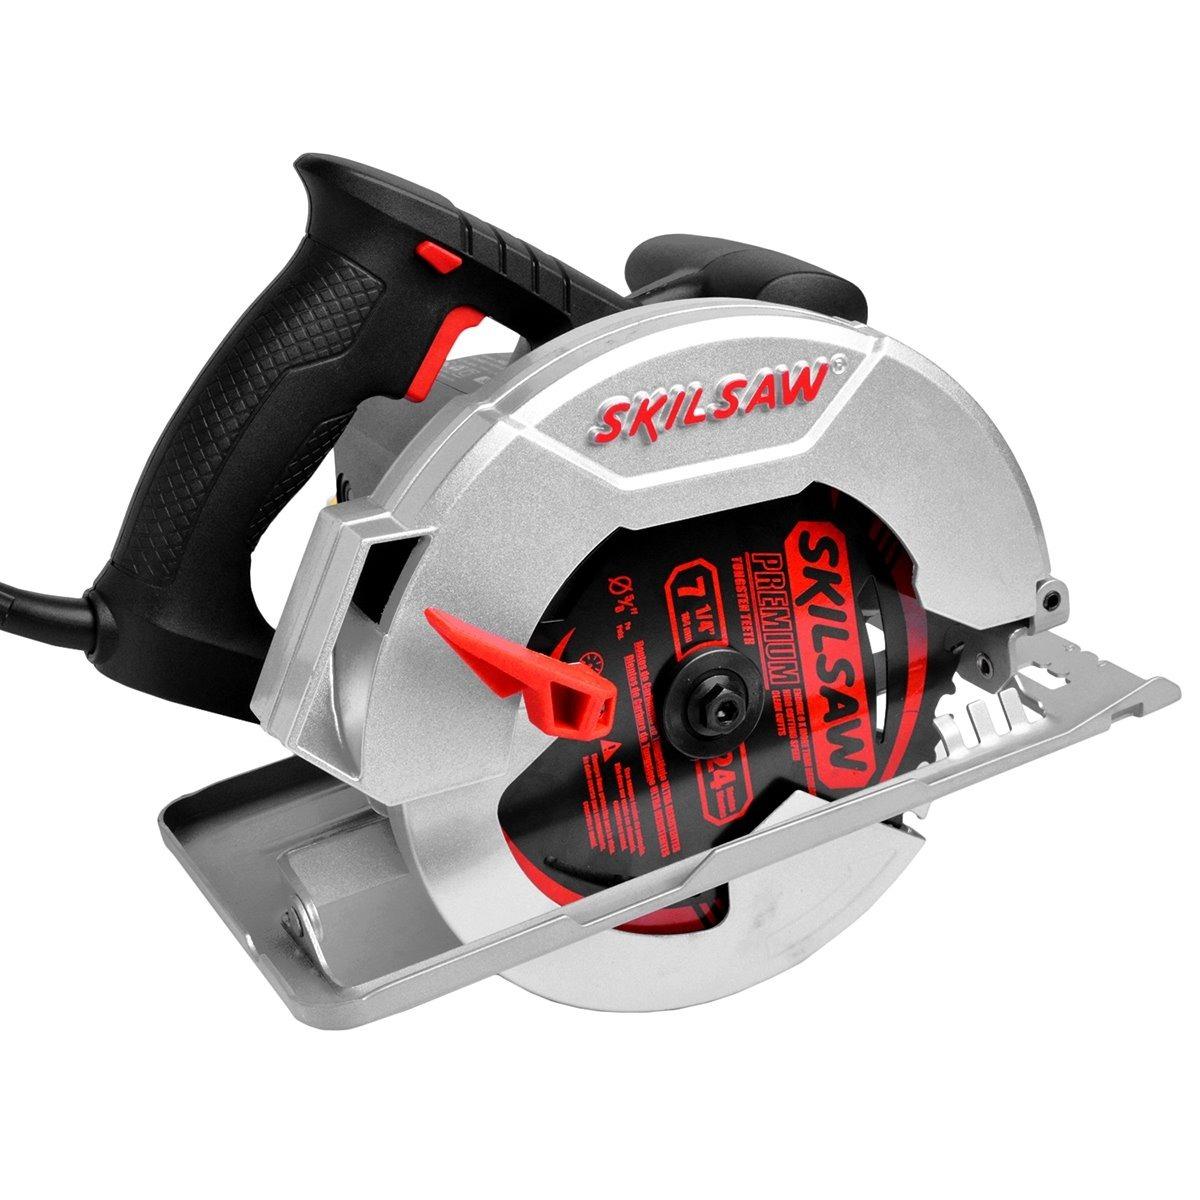 4b28fcef1 Serra Circular Eletrica Skil 5402 1400w 220v Promocao - R  455